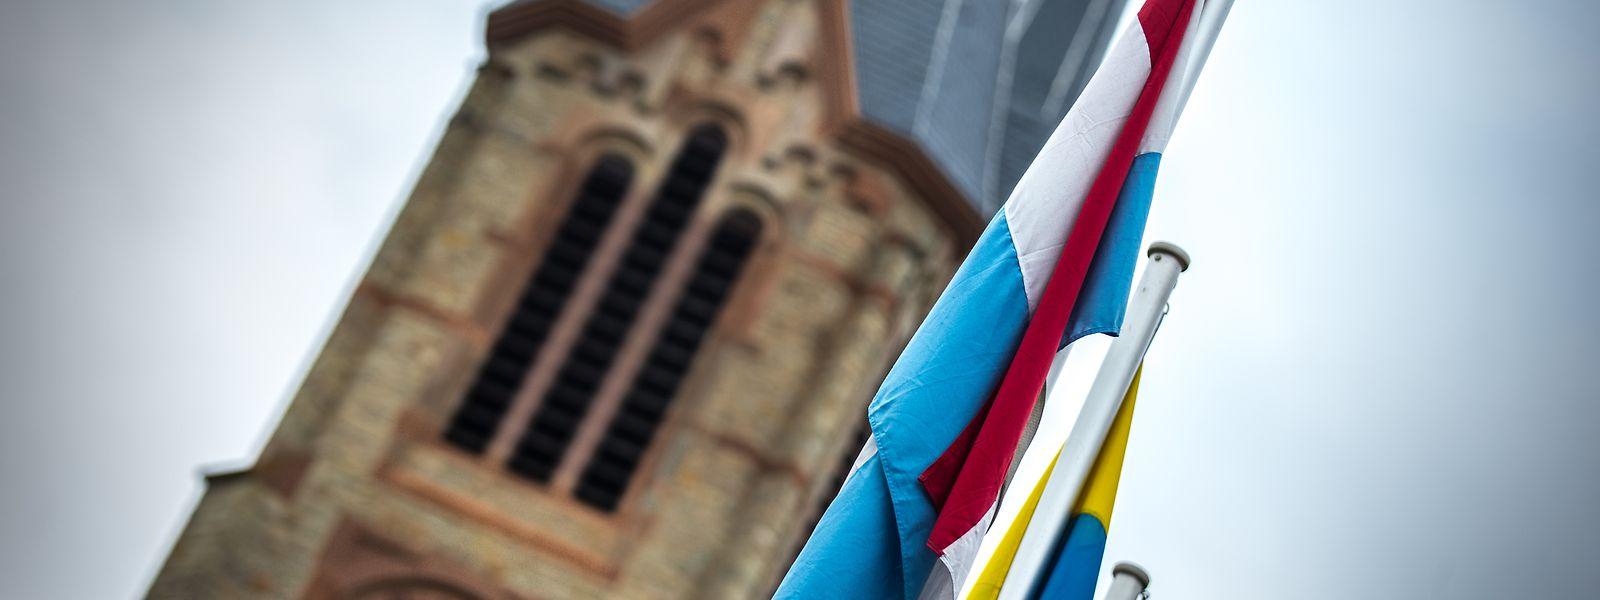 Getrennt und doch irgendwie zusammen: Staat und Kirche sind auch heute noch eng miteinander verknüpft.